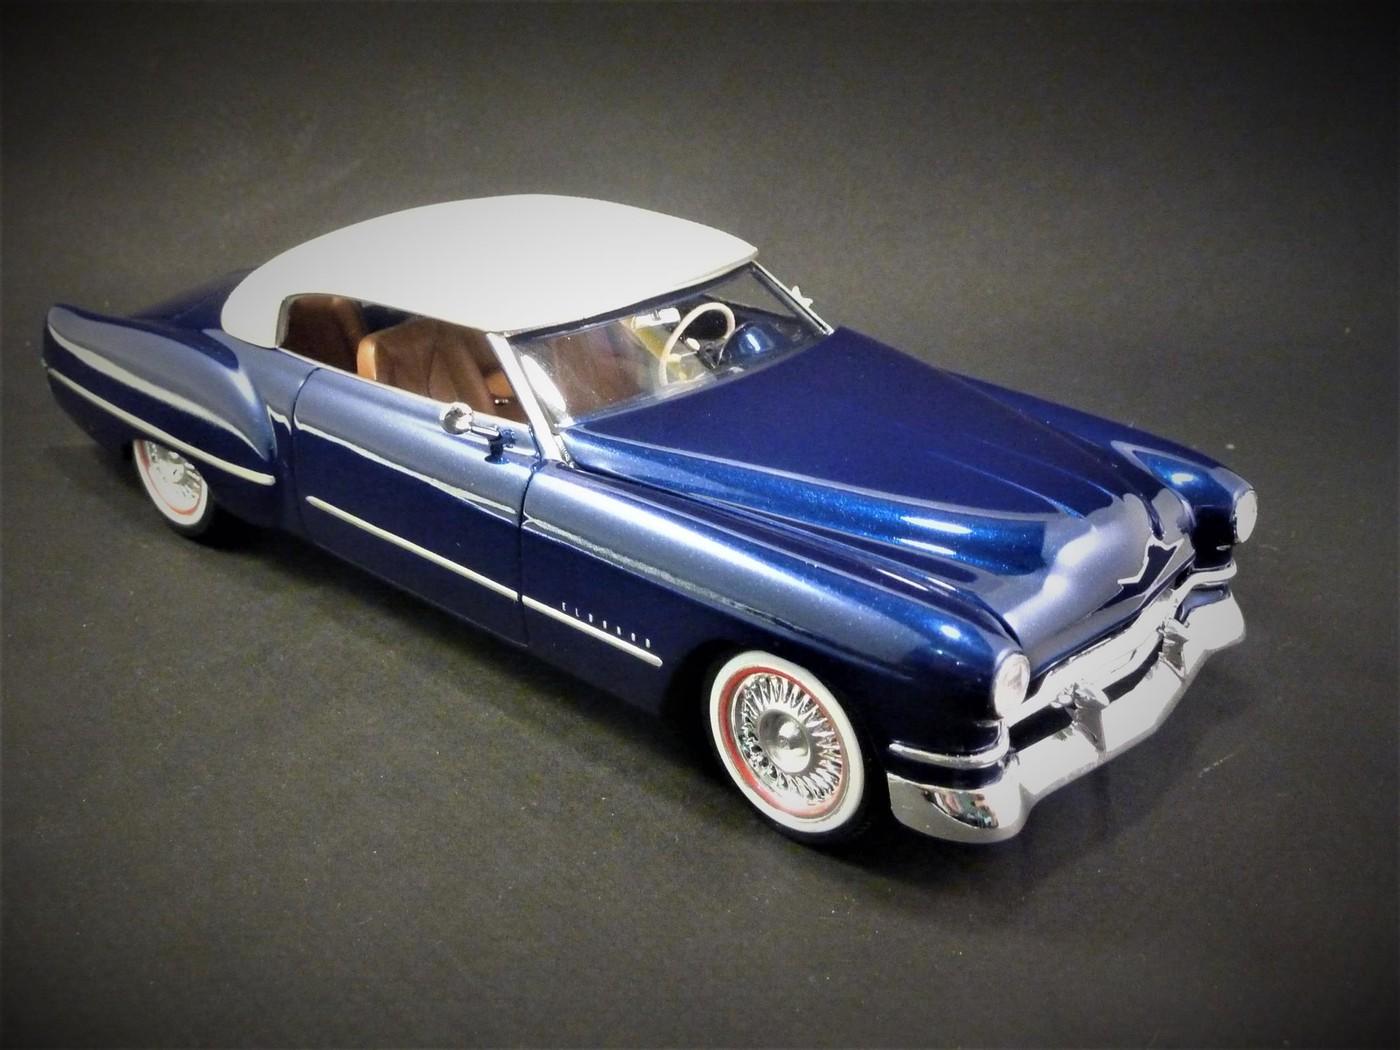 Projet Cadillac 48 Foose  - Page 2 Photo2-vi